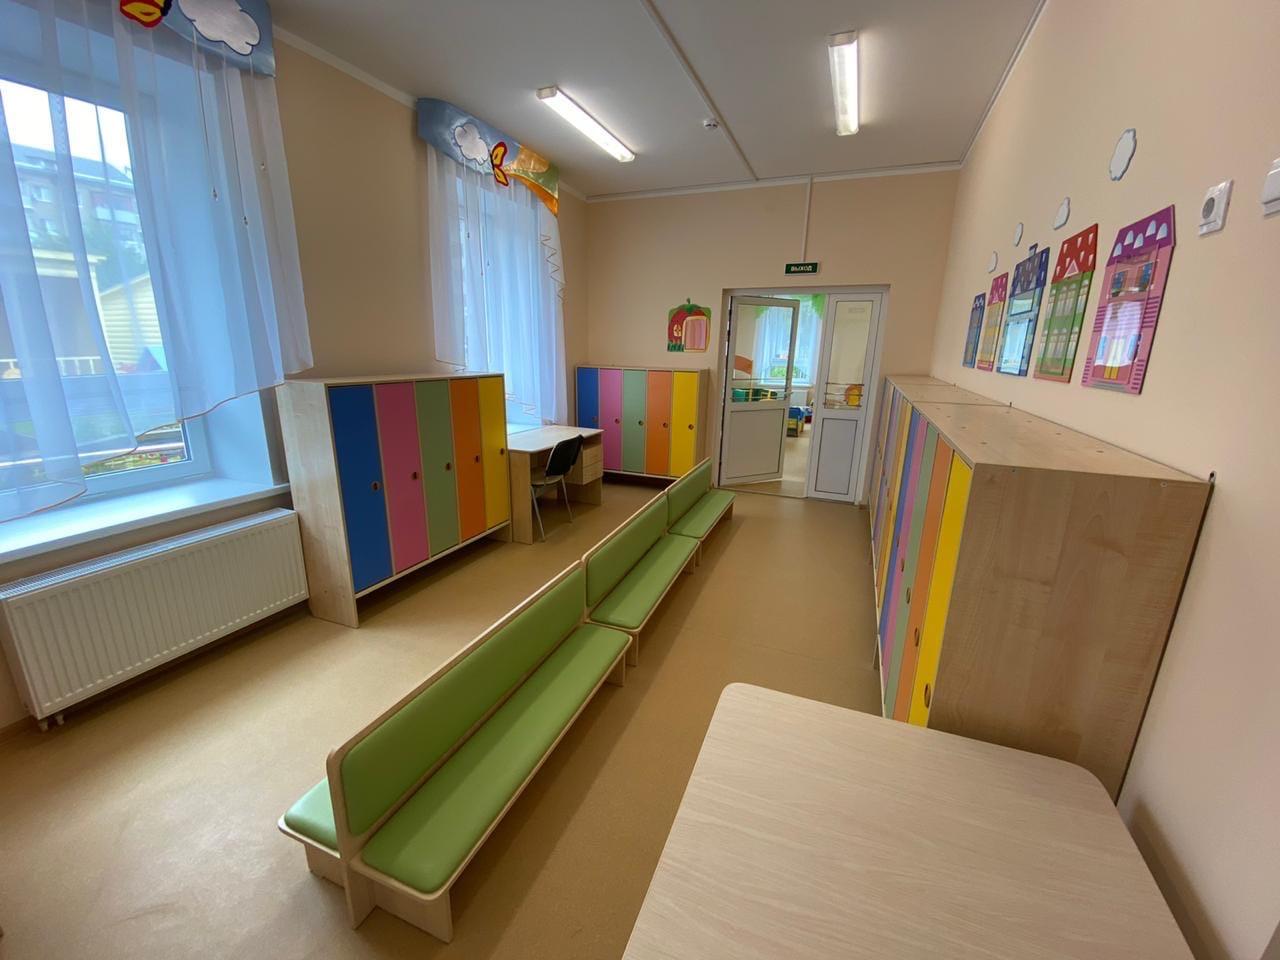 Дмитрий Миронов: потребность в местах в детсадах для детей 3-7 лет будет полностью закрыта